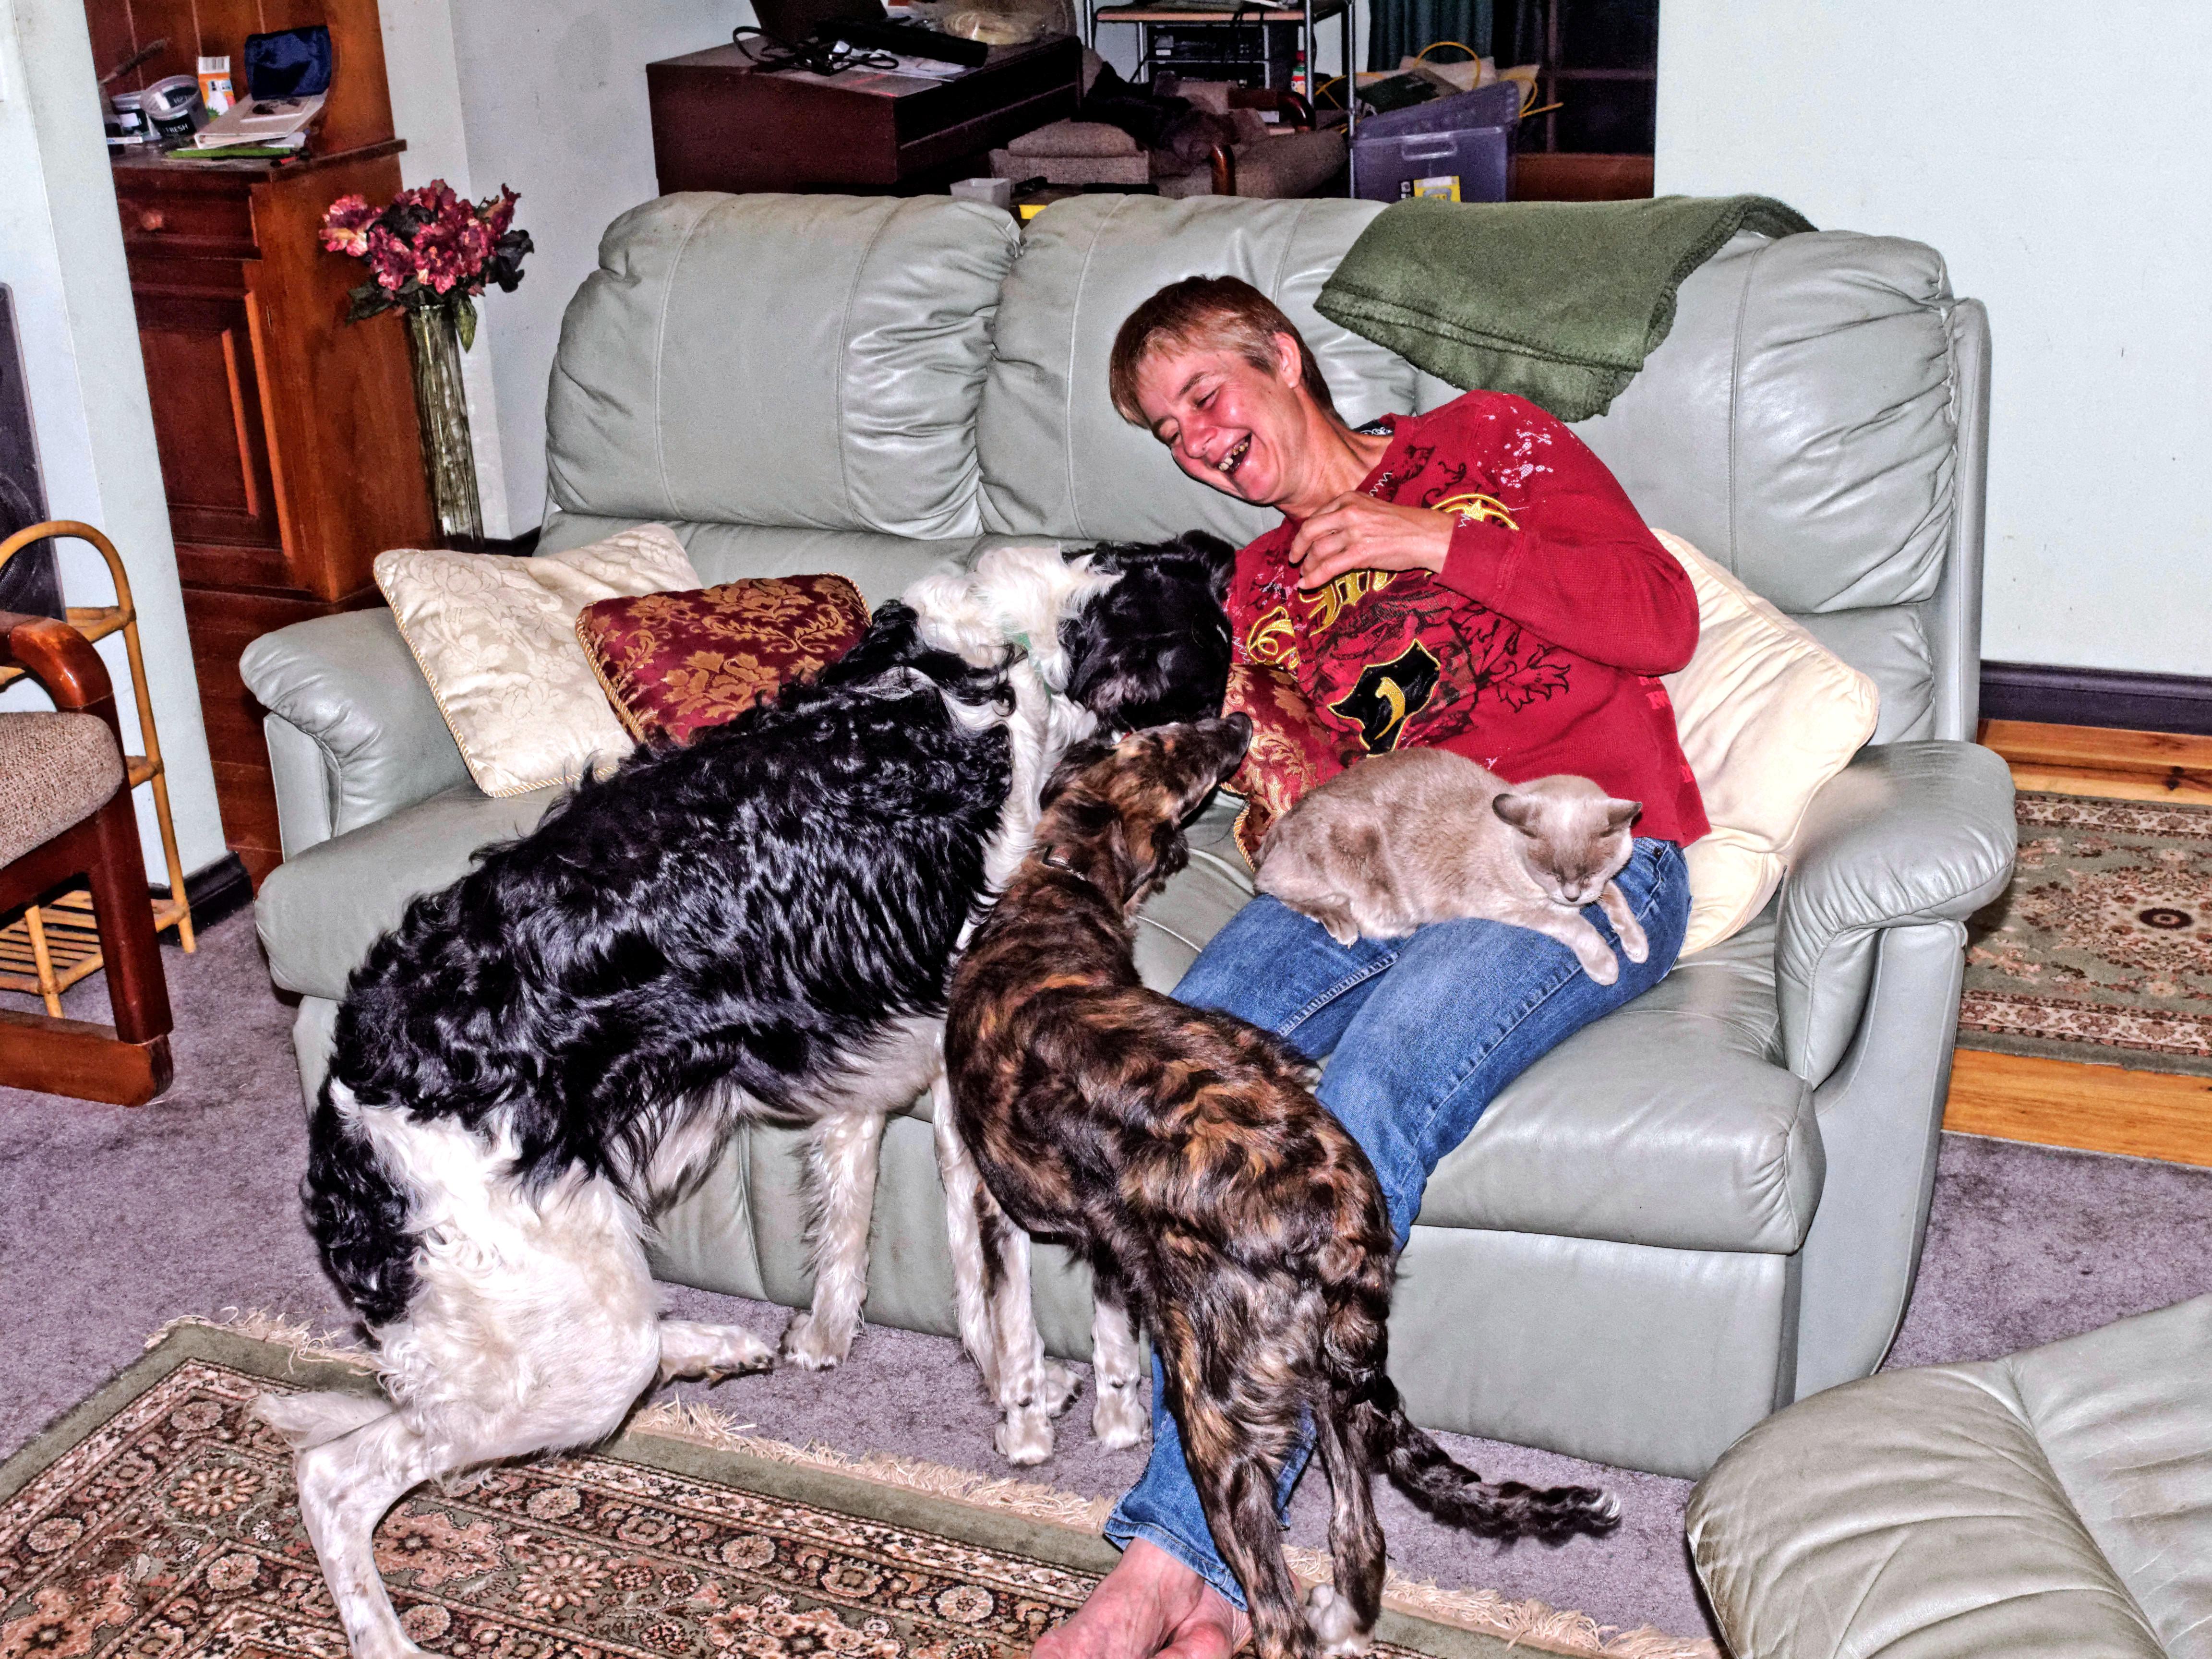 Chris-and-dogs-32.jpeg